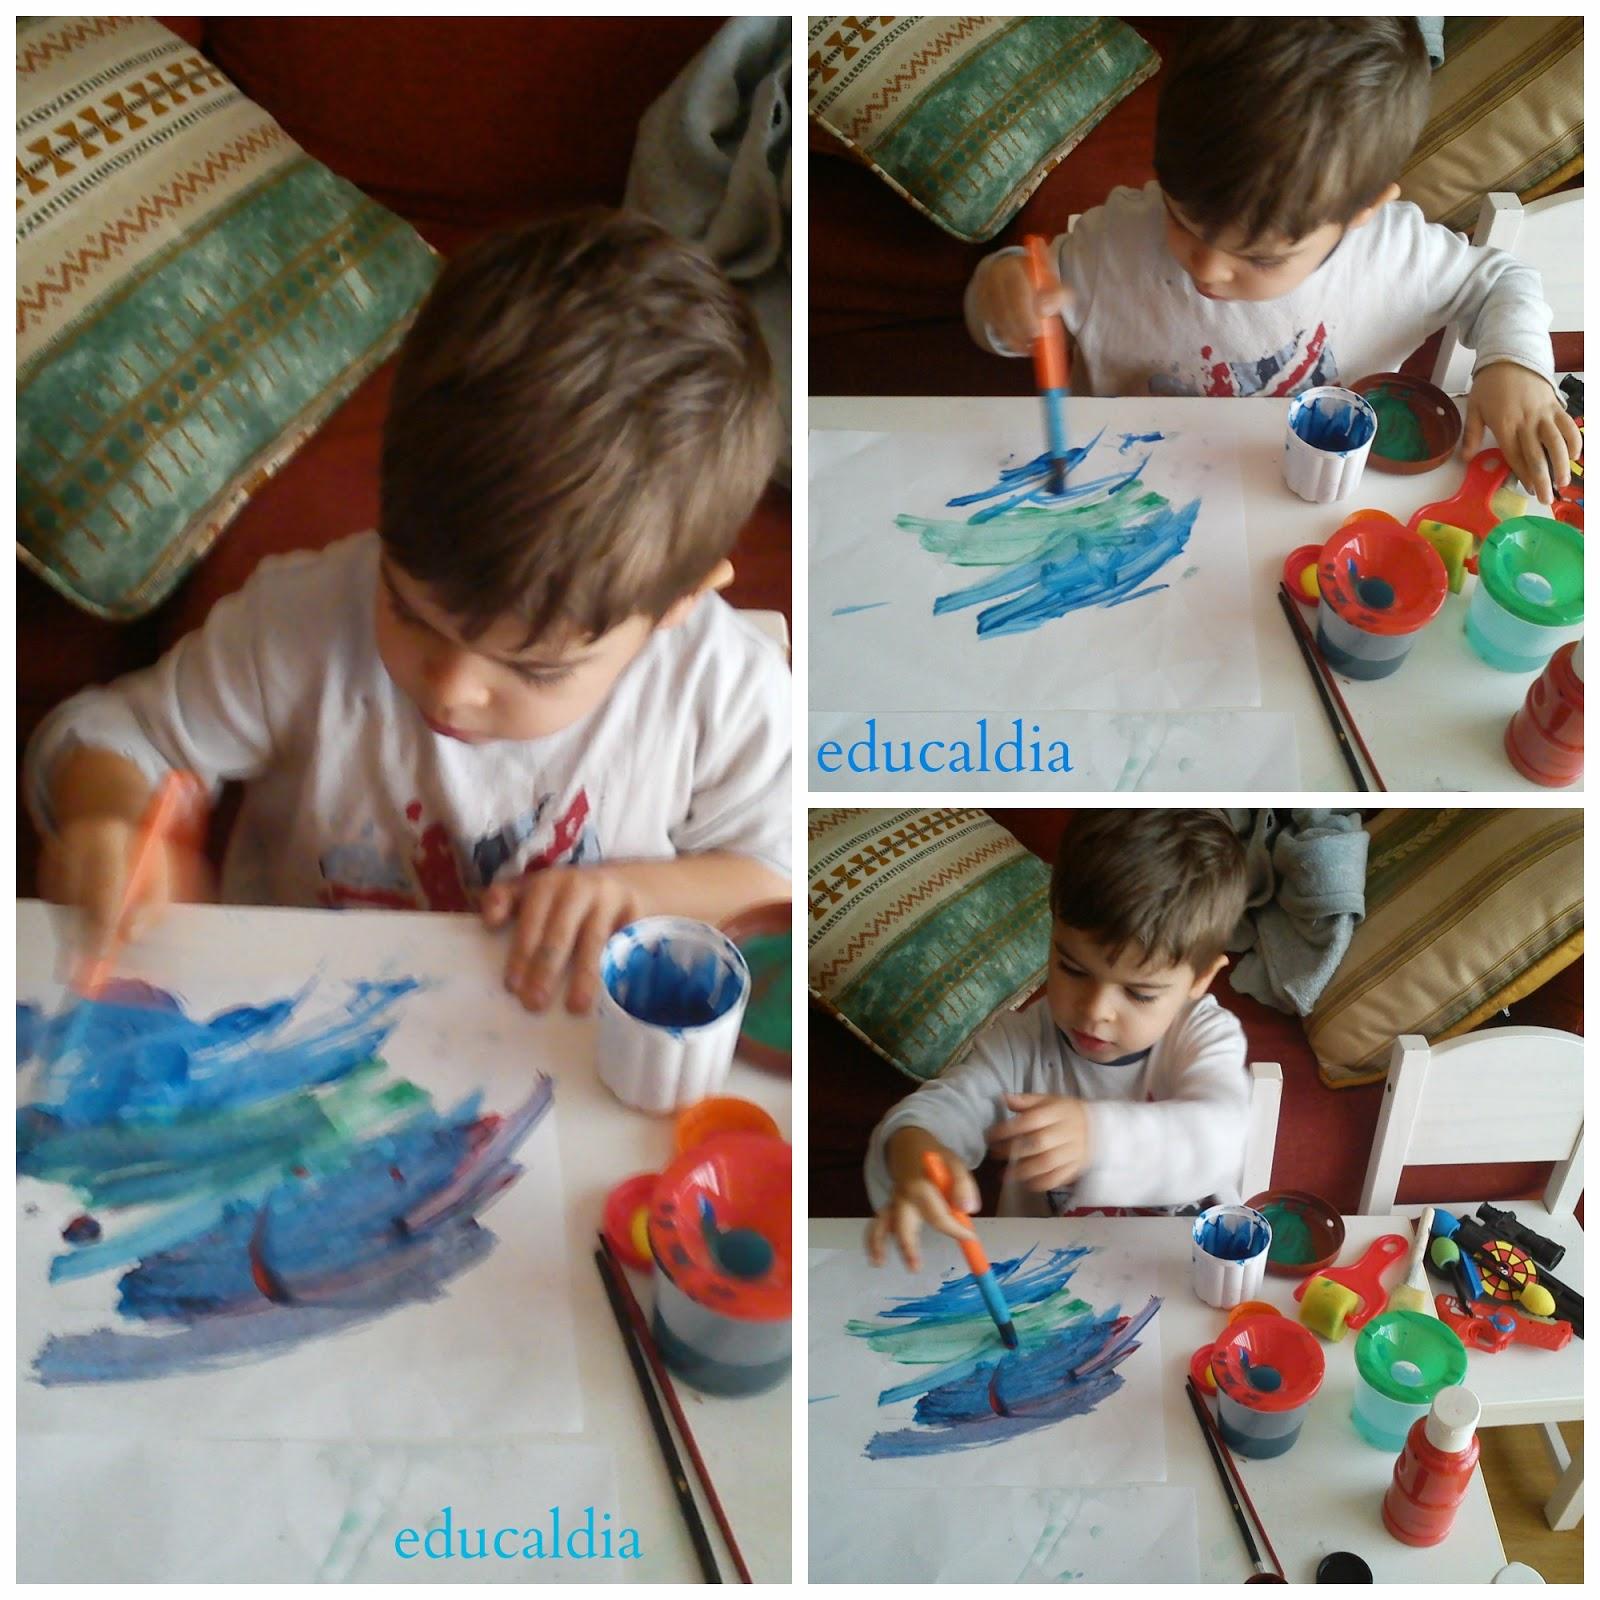 creatividad educación en familia educaldia